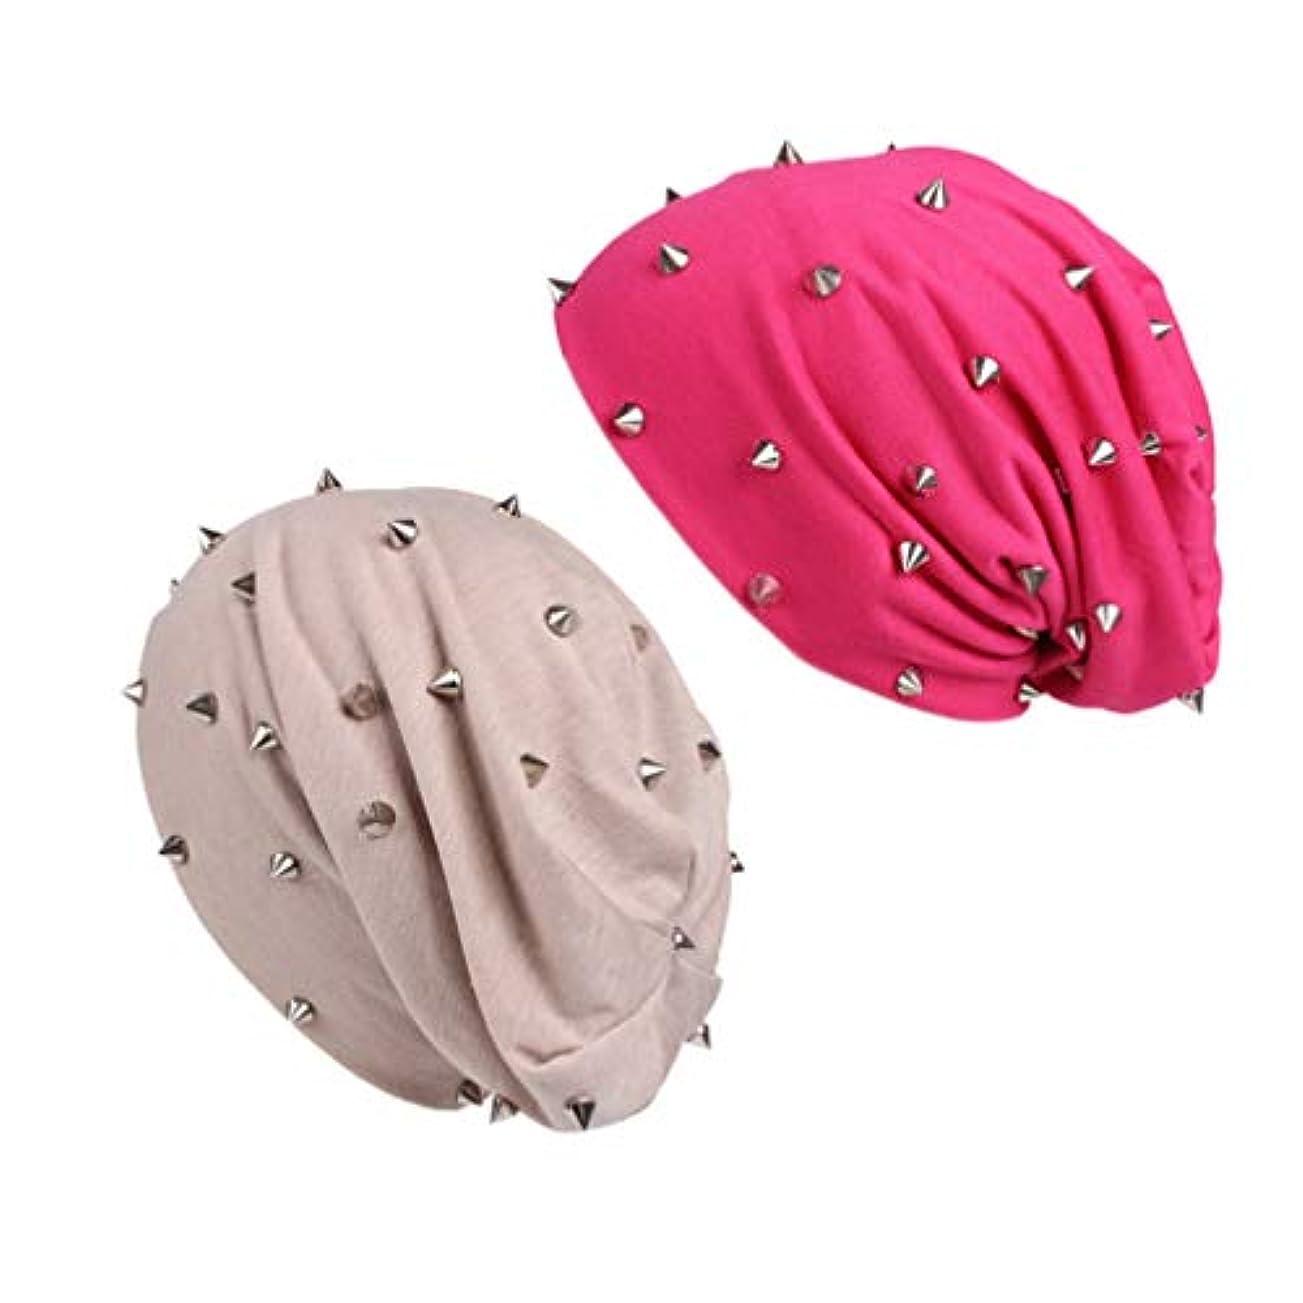 適合しましたかりて密度Healifty 2ピースリベットビーニー帽子エッジの効いたスパイクスタッドパンクロックヒップホップキャップベージュロージー